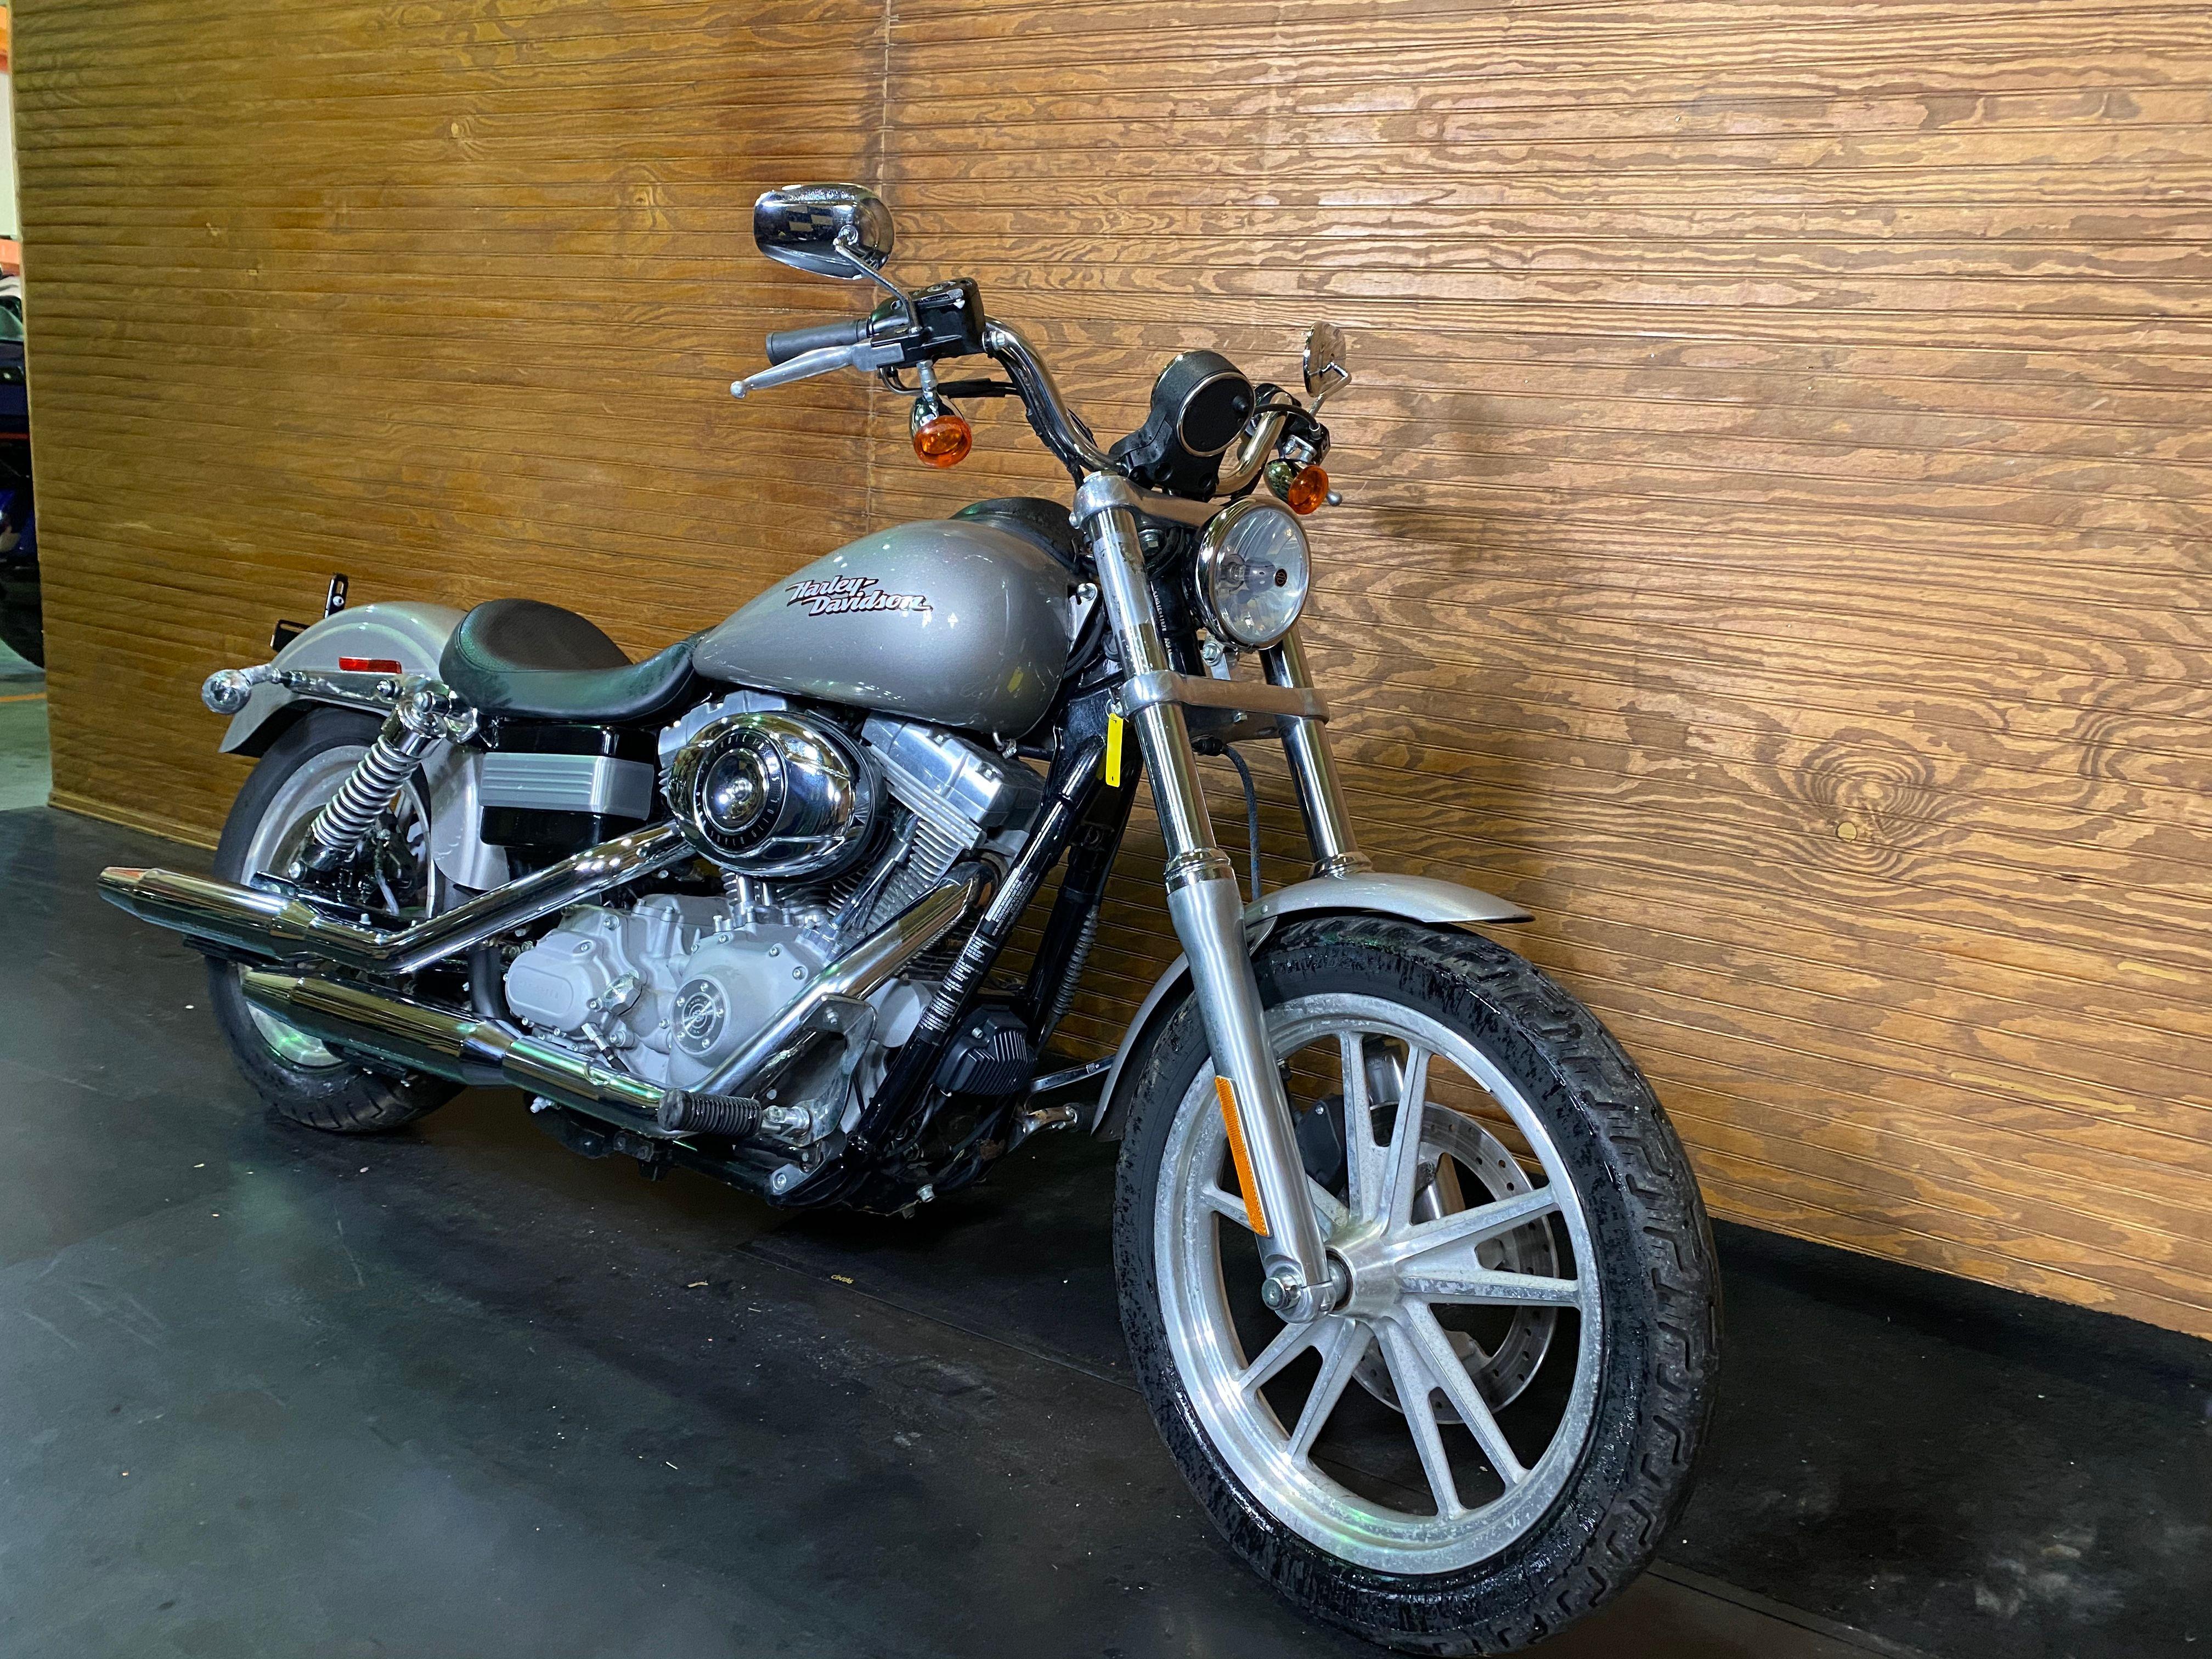 Pre-Owned 2007 Harley-Davidson Super Glide